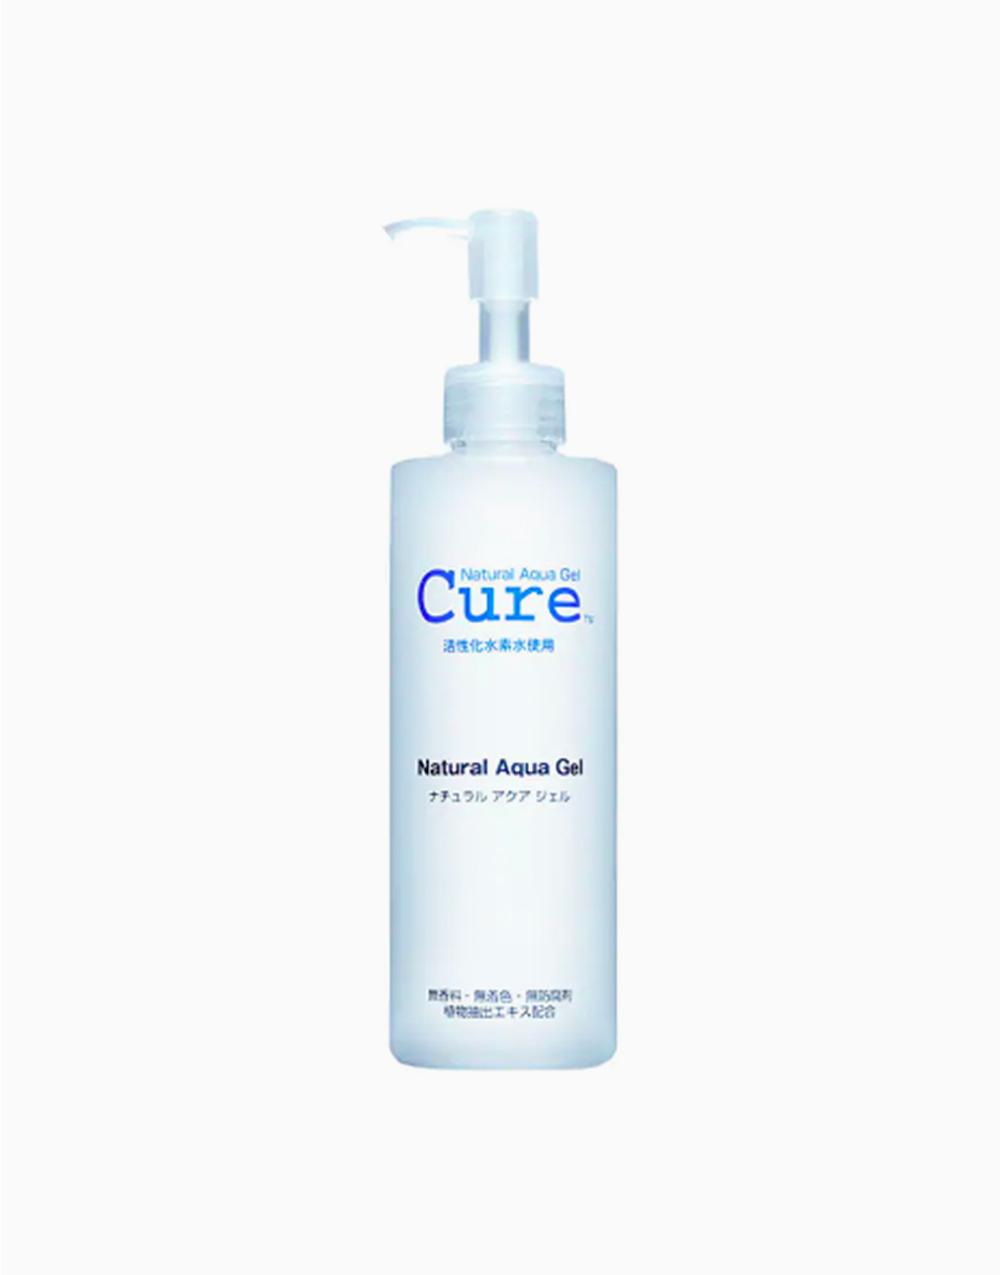 Natural Aqua Gel by Cure